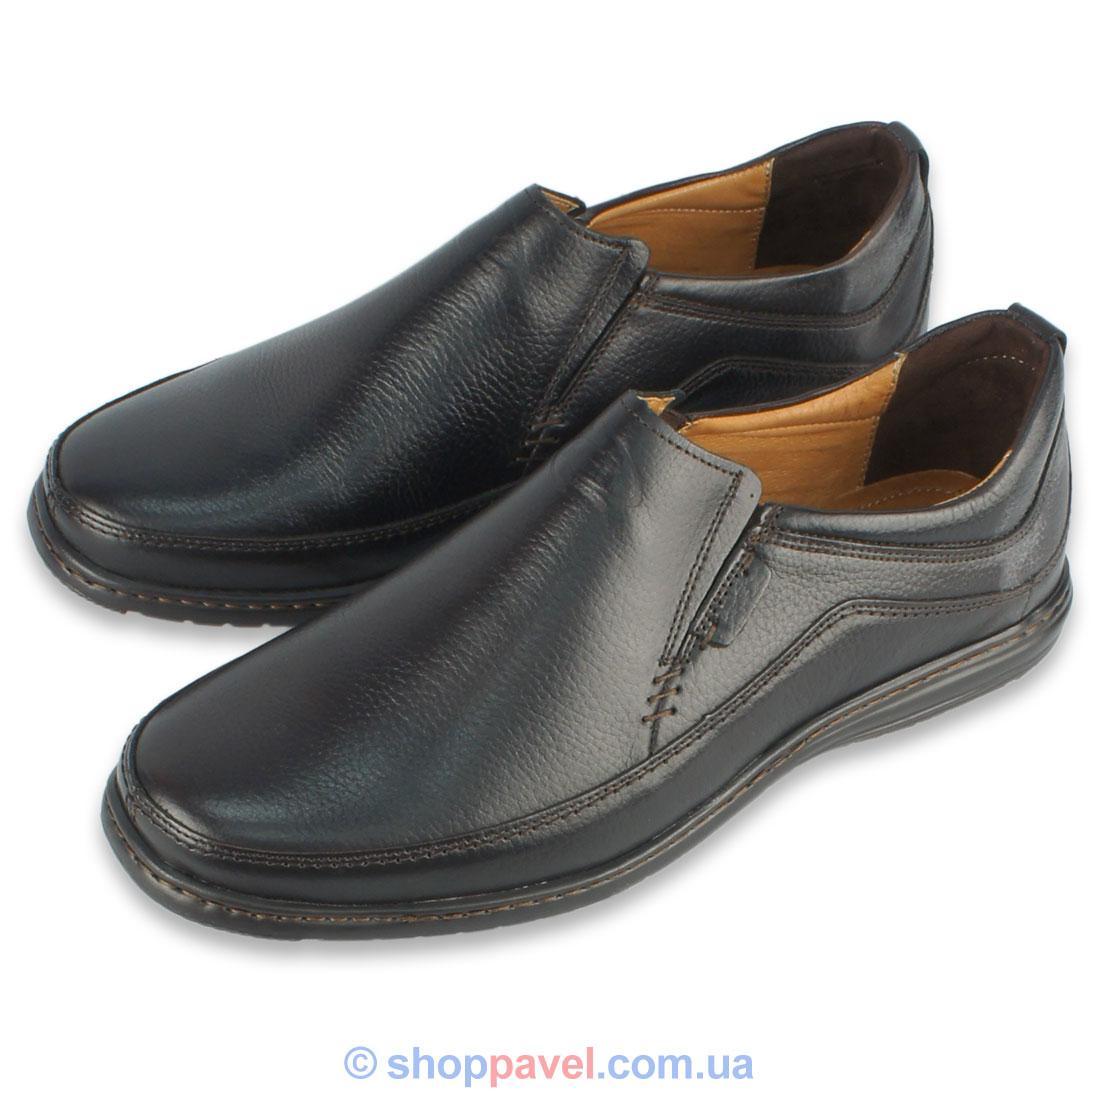 Туфлі чоловічі Lemi 315 коричневого кольору